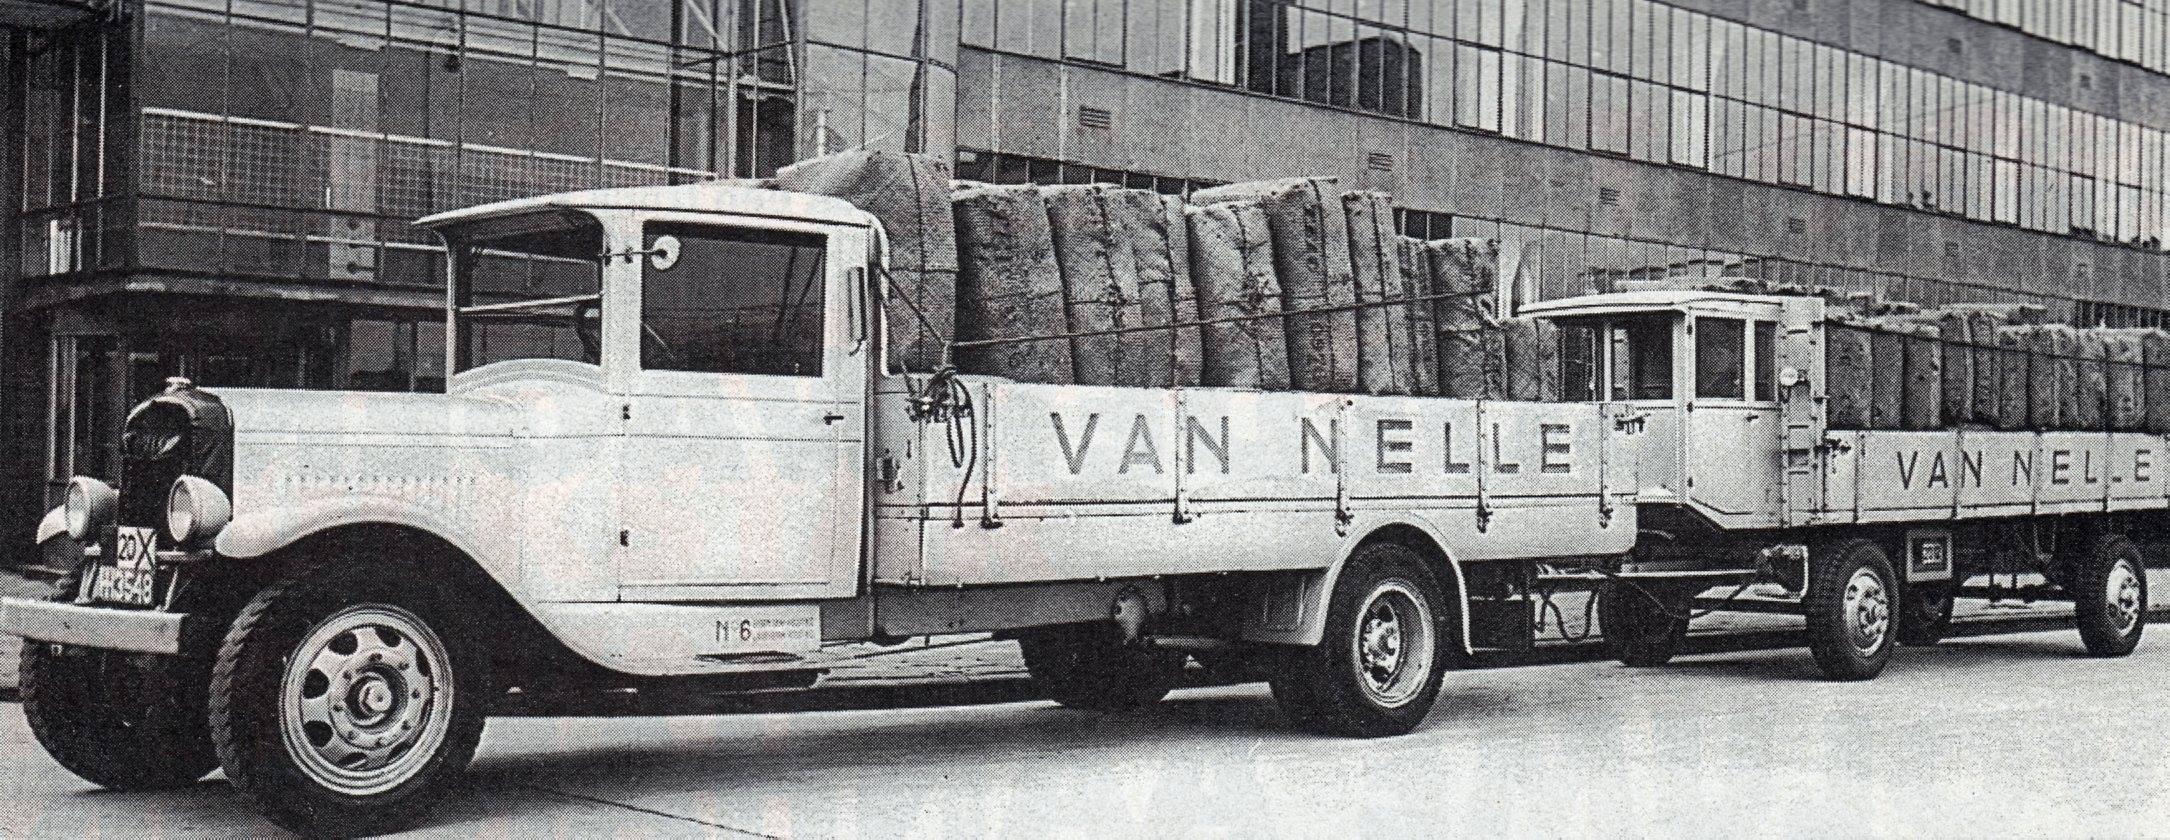 GMC-1934-Van-Nelle-aanhanger-met-remmershok